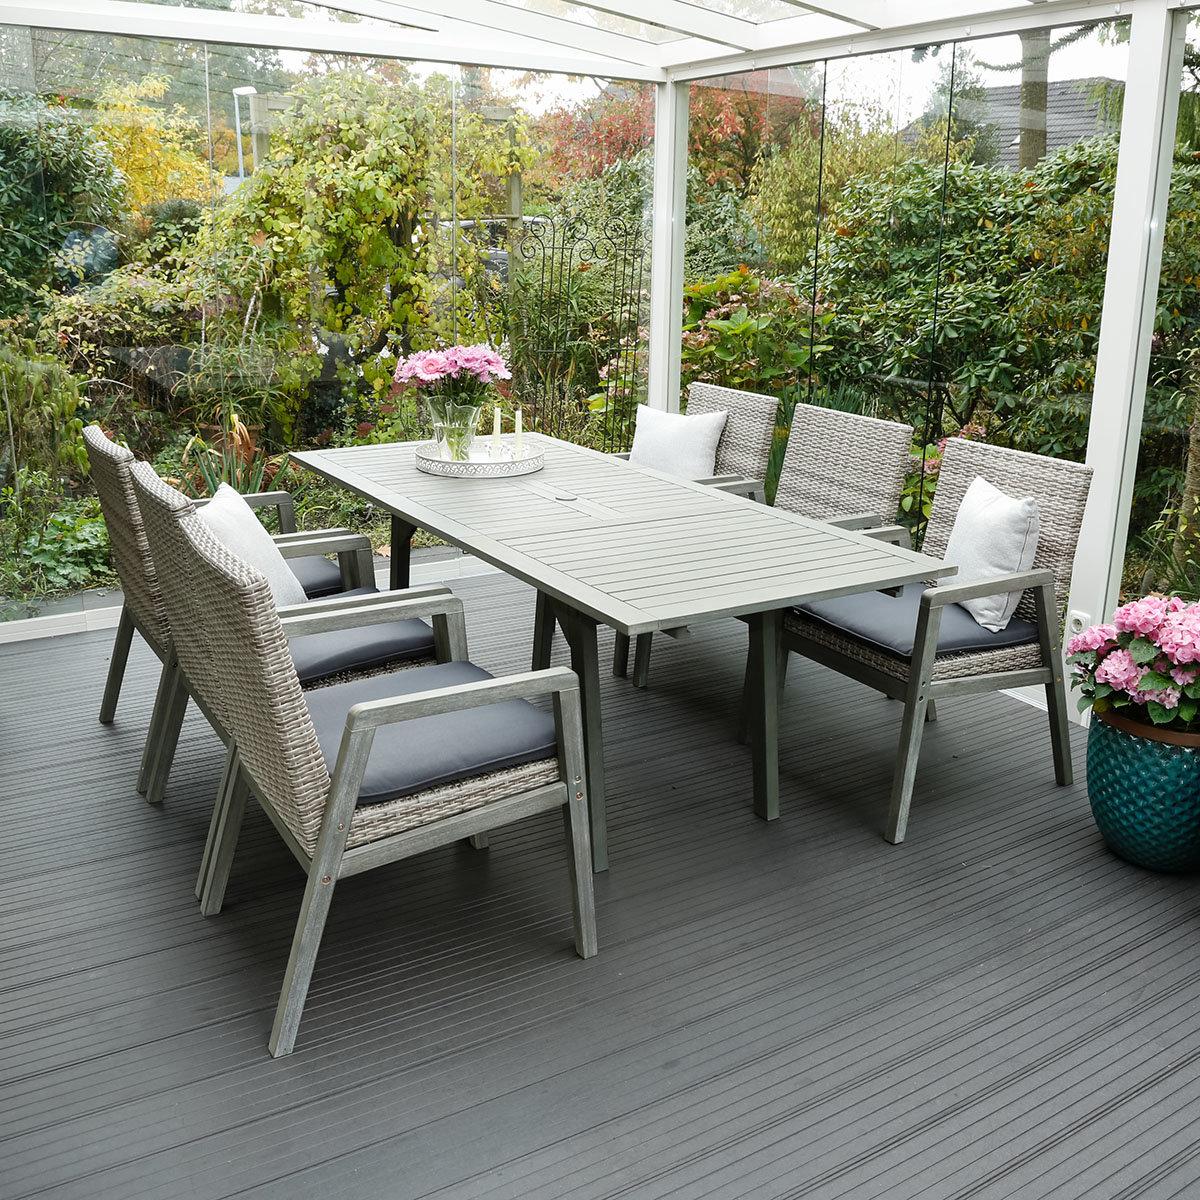 Gartenmöbel | von Gärtner Pötschke